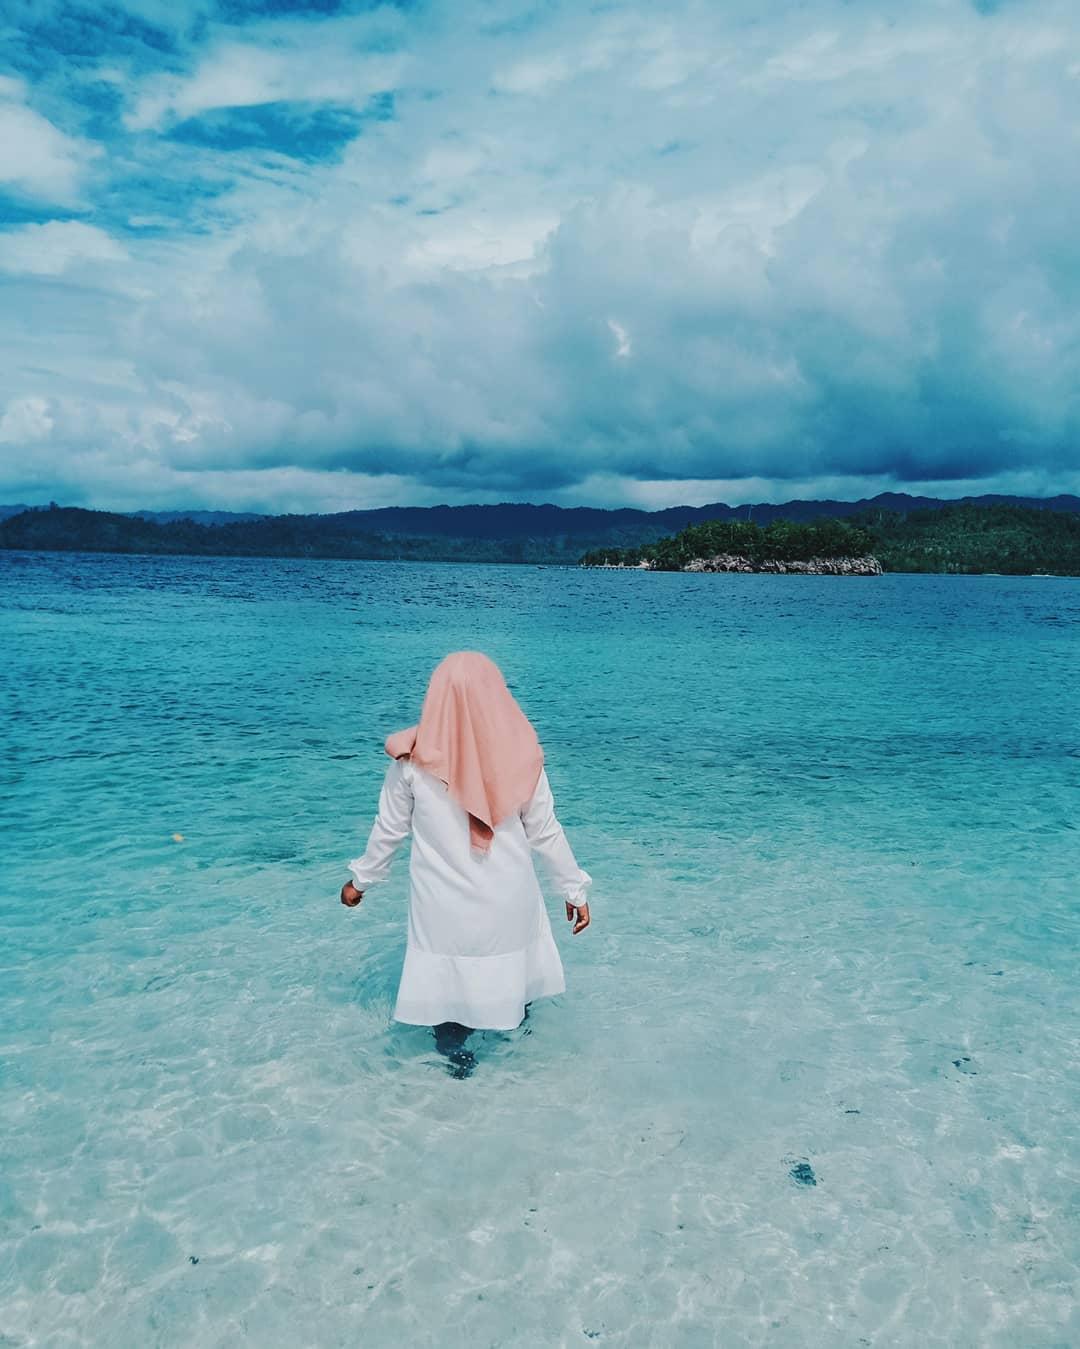 Laut dan pantai pulau pogo pogo